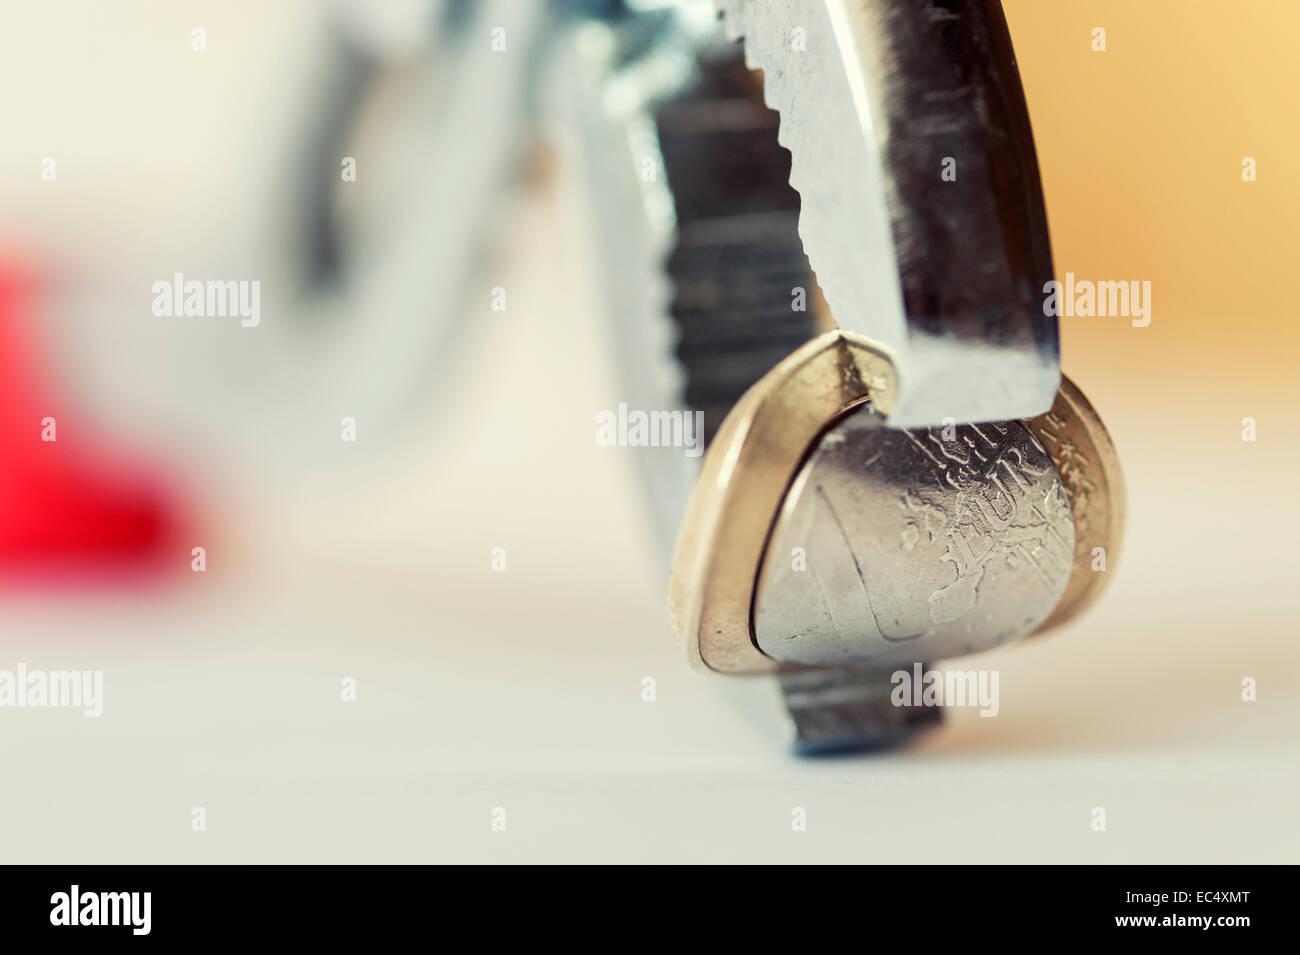 Un euro piegata tra le ganasce di una morsa con una curvatura convessa Immagini Stock